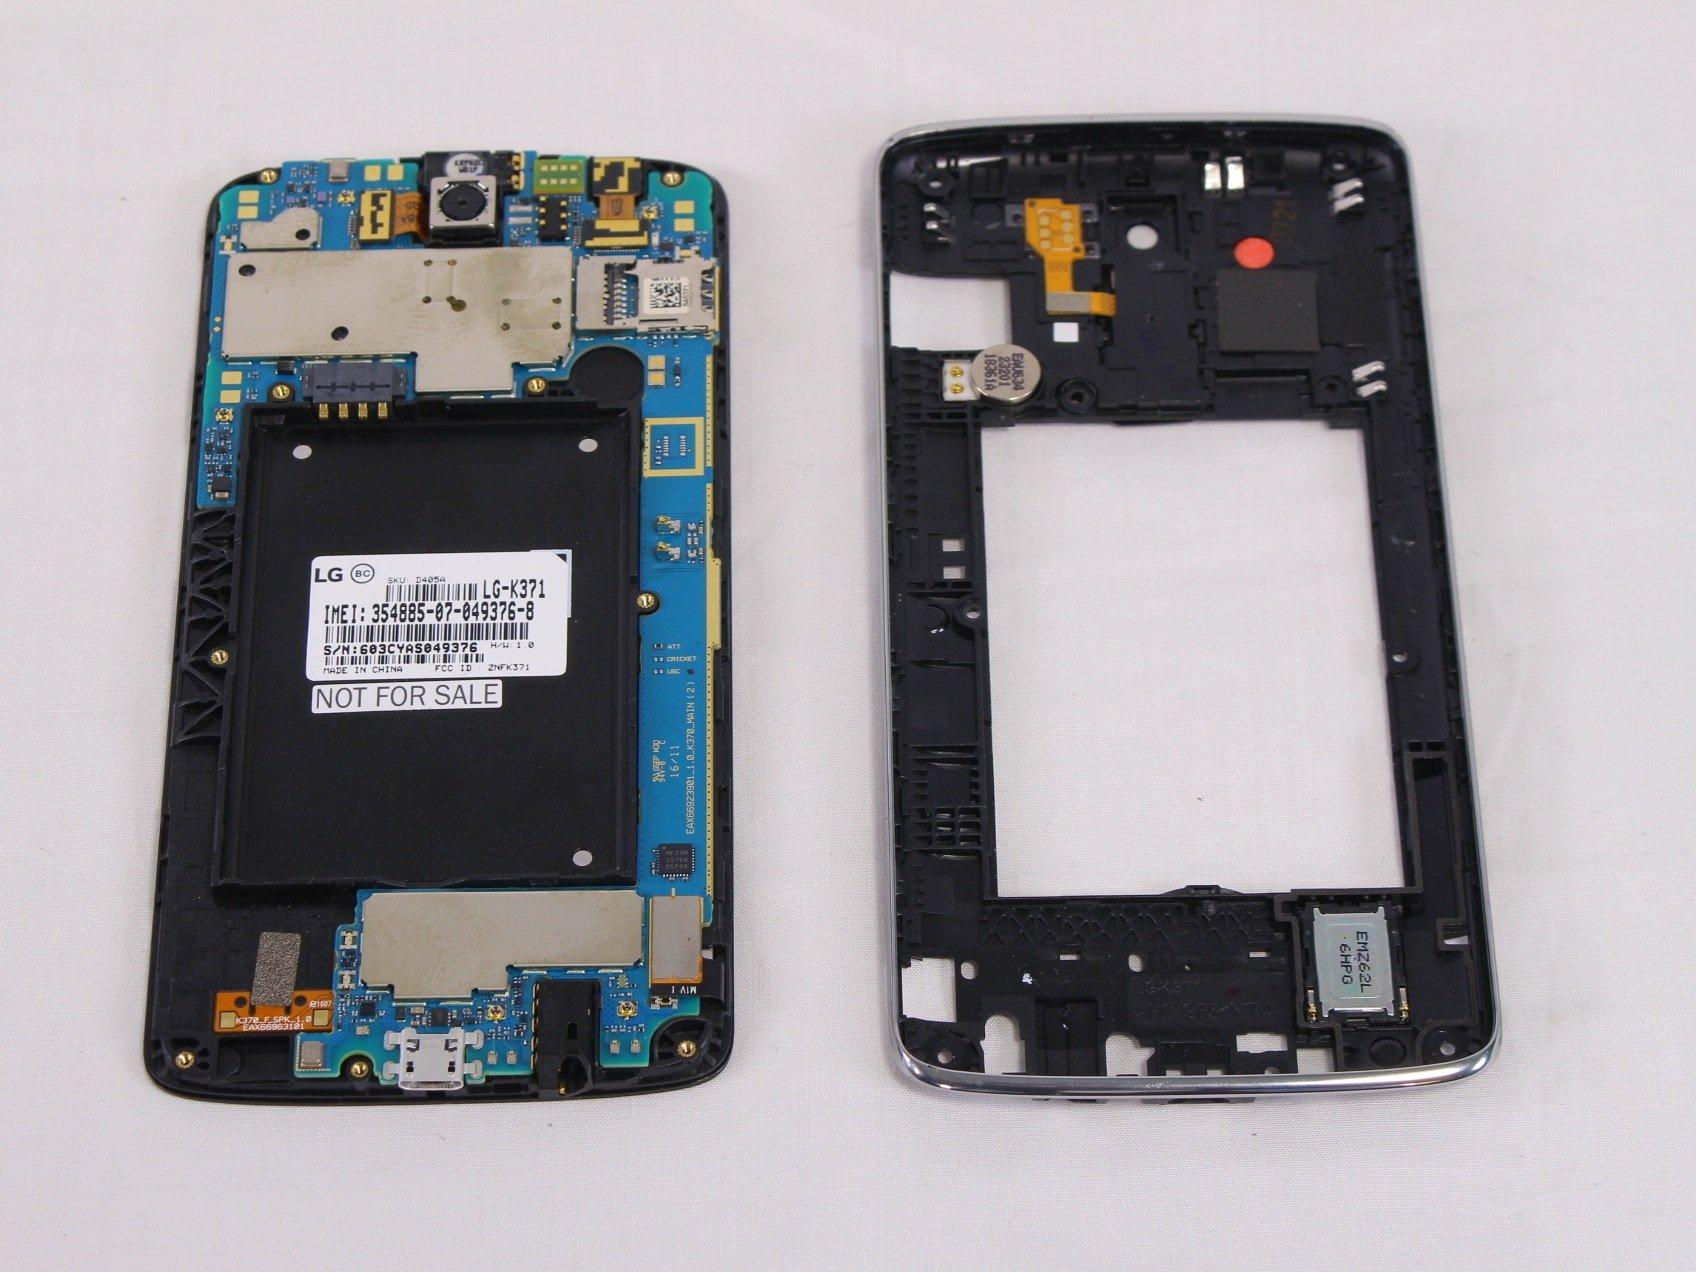 buy popular 8c061 dc497 LG Phoenix 2 Screen Replacement - iFixit Repair Guide